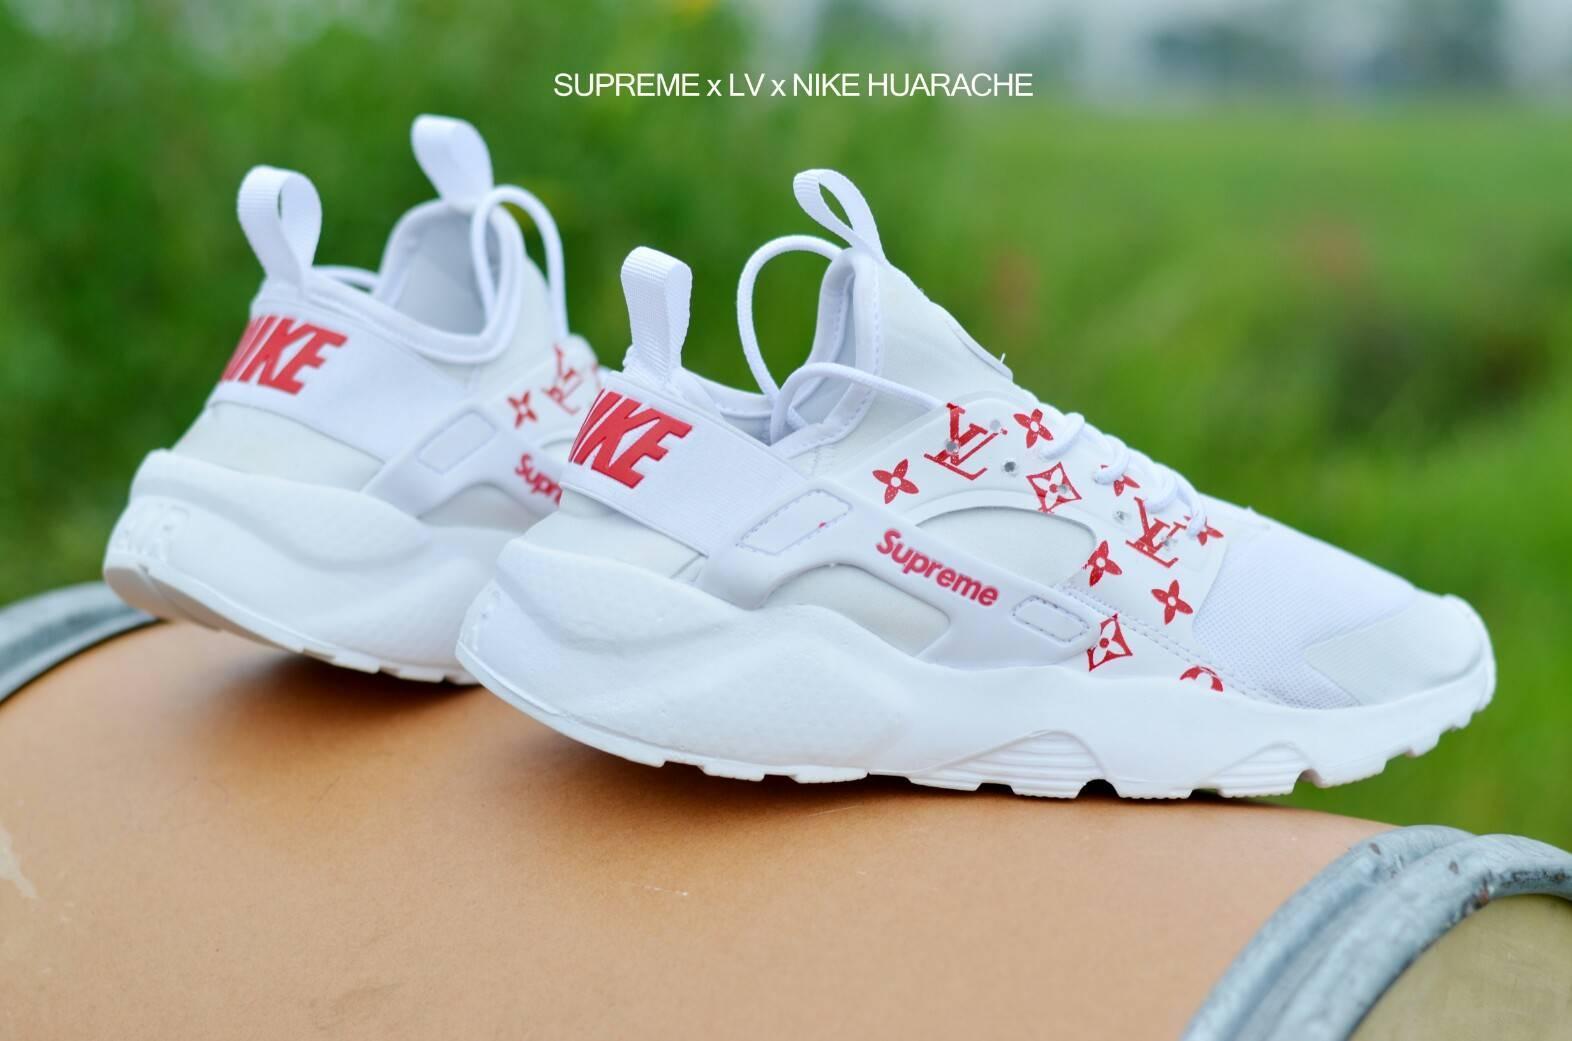 sepatu sneakers Nike Huarache suprame women fashion wanita olahraga sport gym lari joging